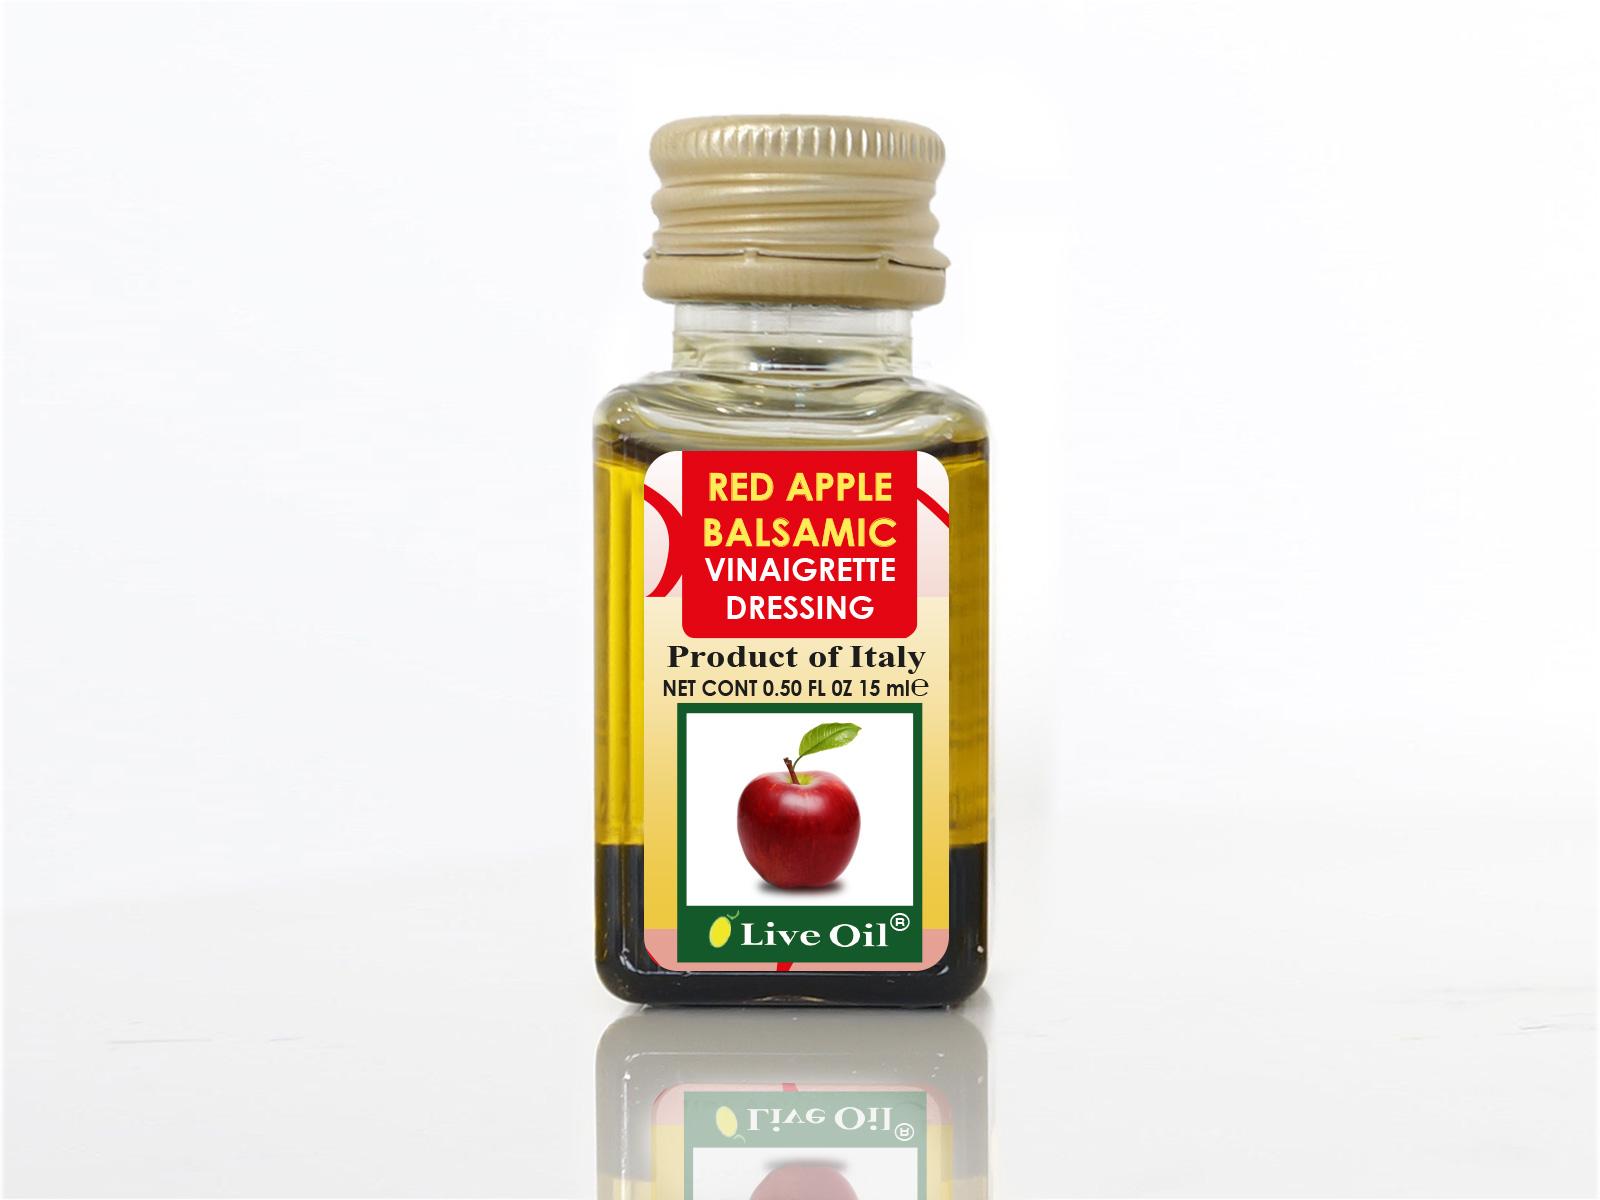 Live Oil Red Apple Balsamic Vinaigrette dressing